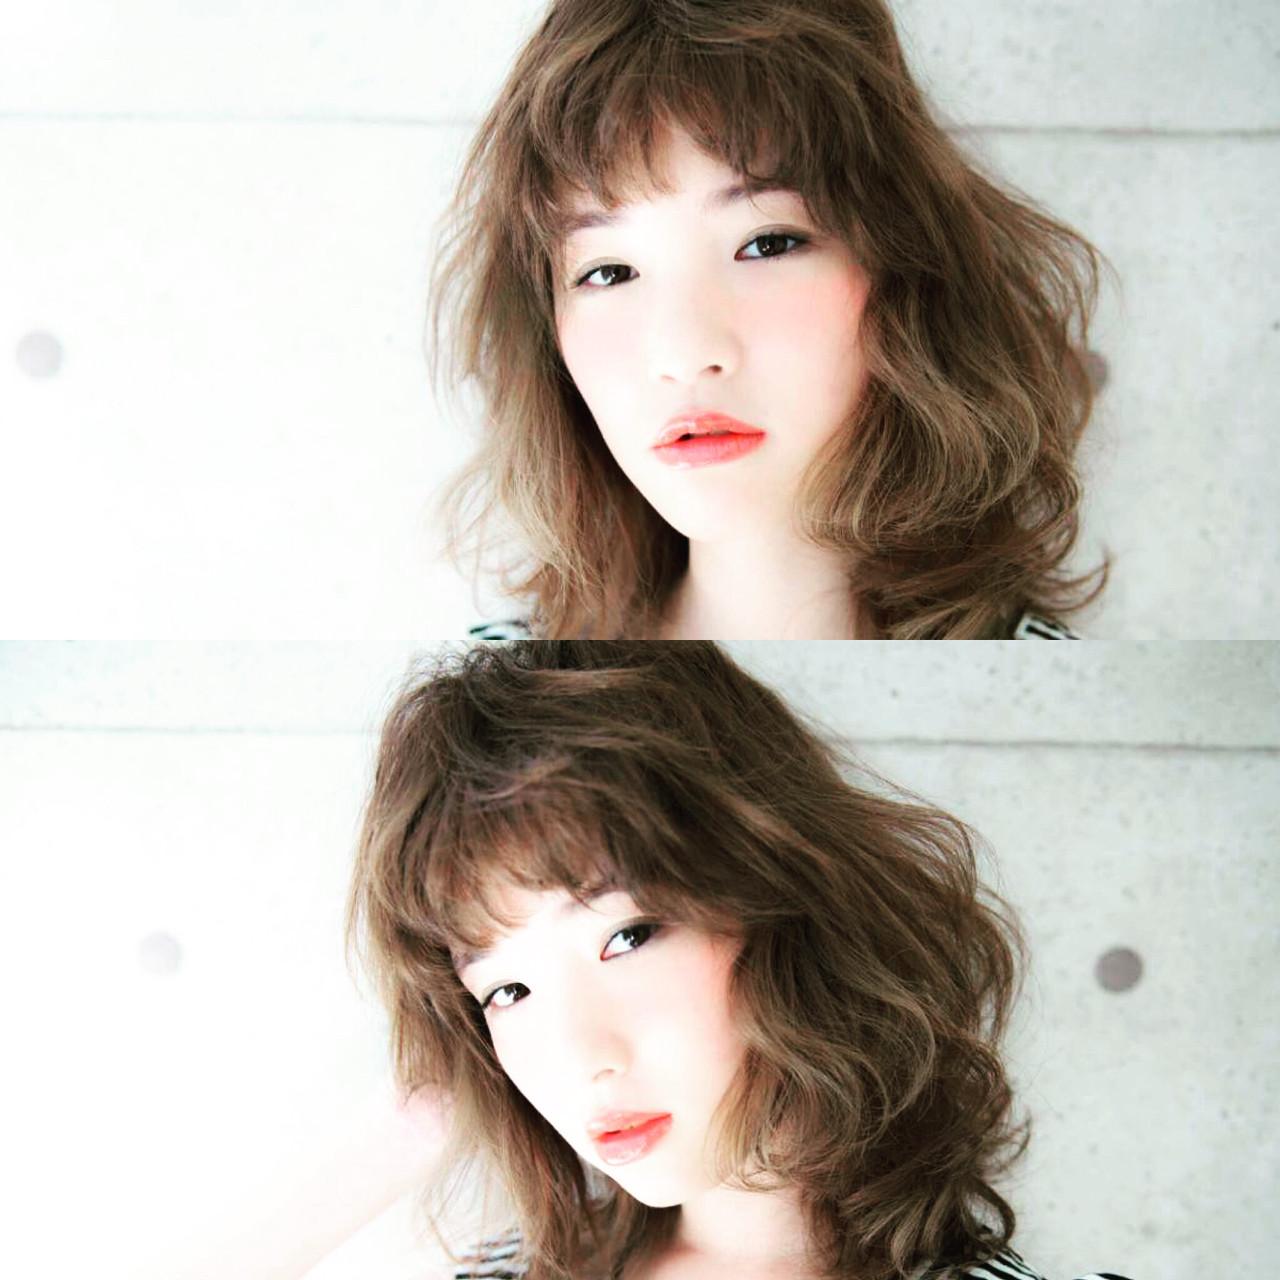 アッシュ ゆるふわ ミディアム ハイライトヘアスタイルや髪型の写真・画像